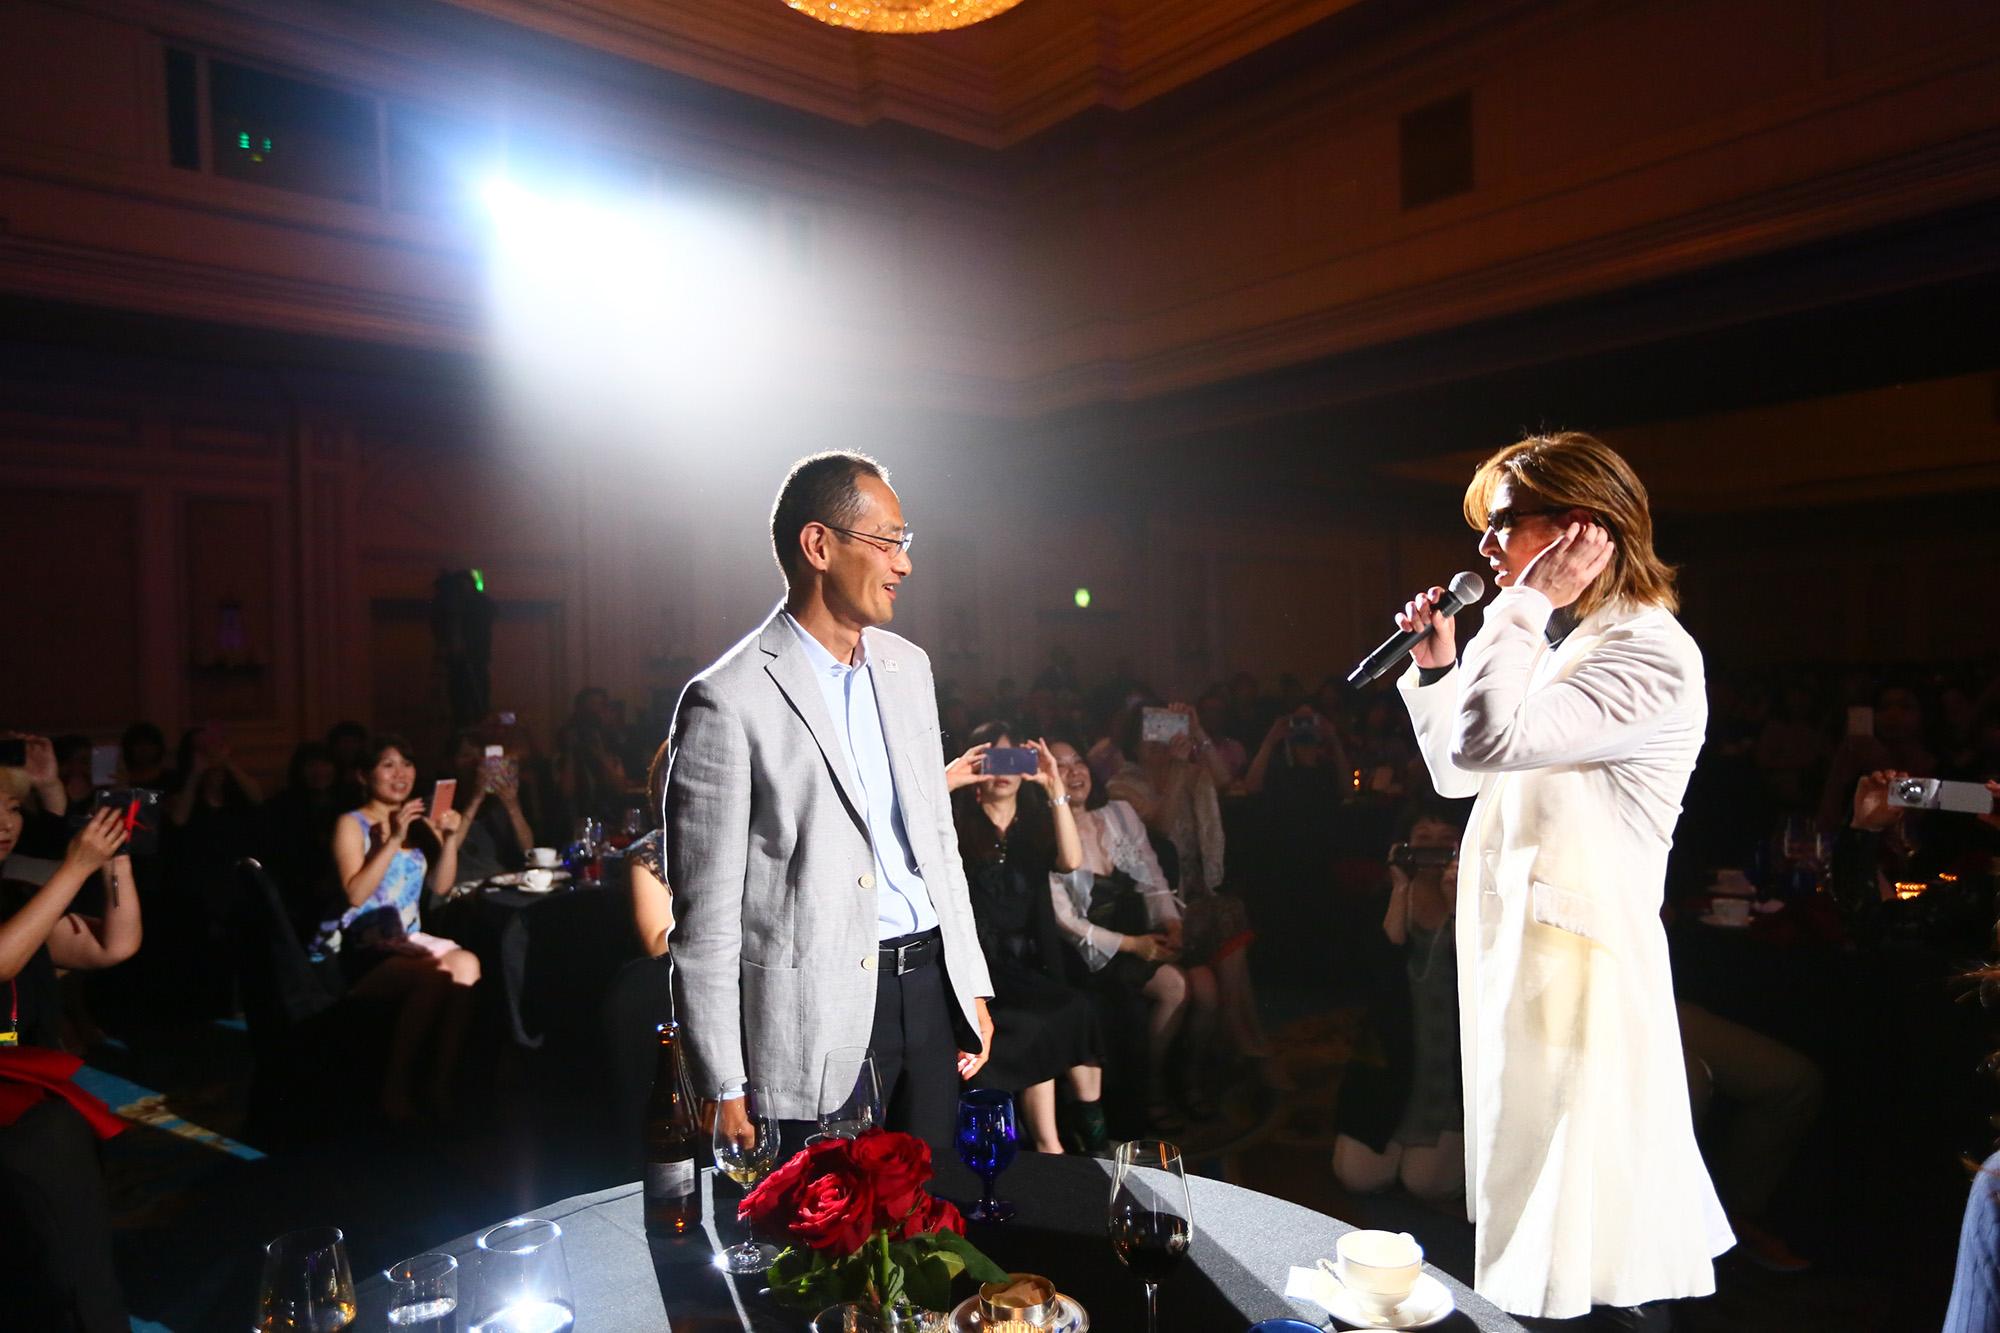 RMMS-Yoshiki-Dinner-Show-Tokyo-20170902-E0468